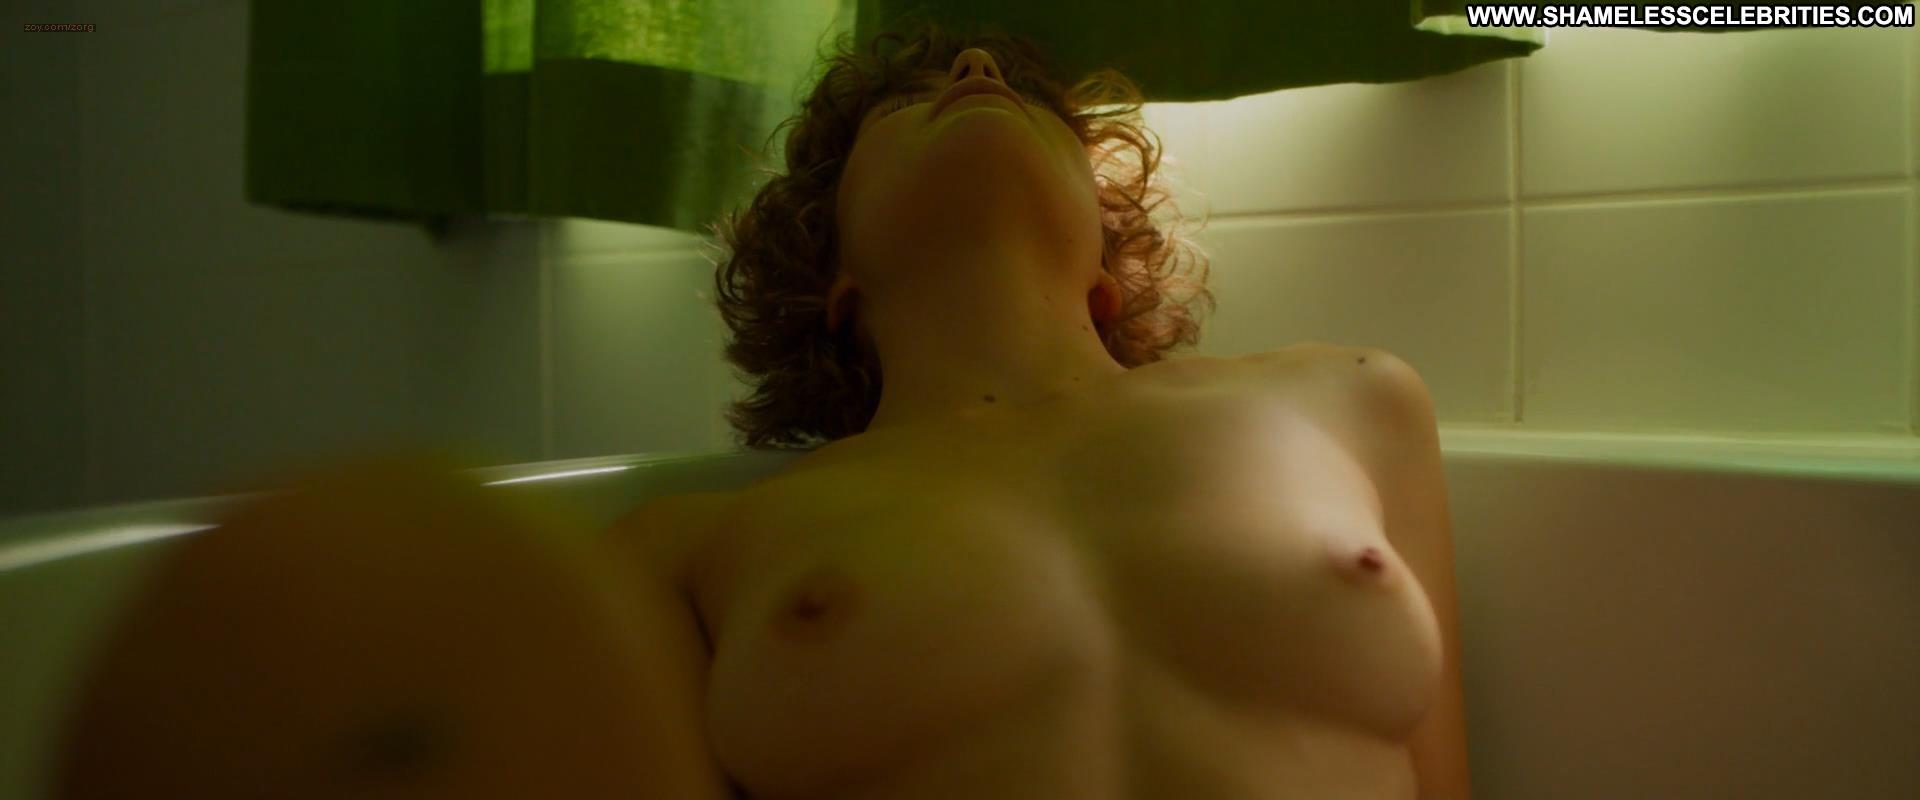 fat deposit in breast